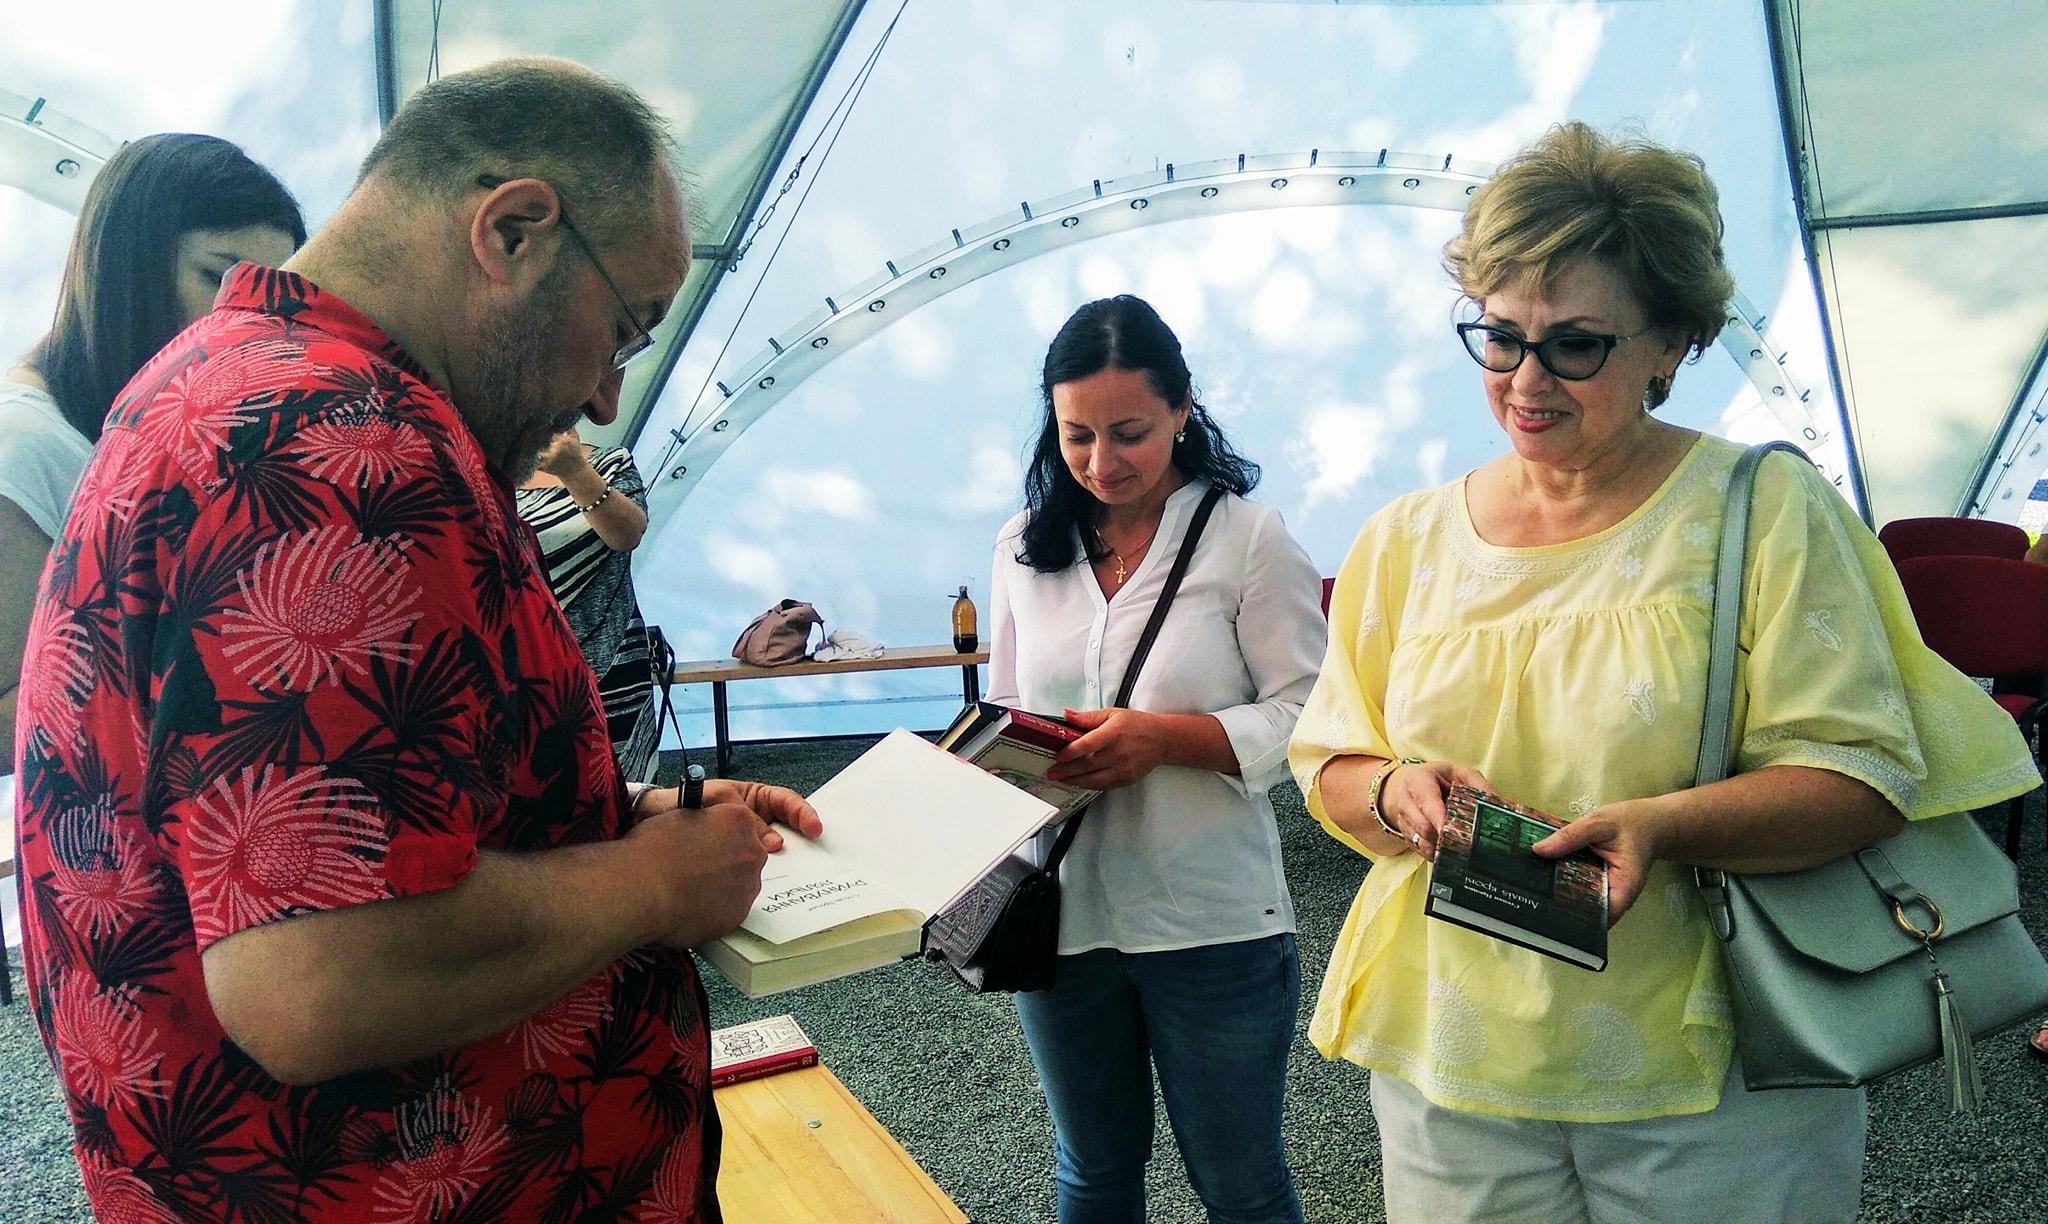 Франківський письменник Степан Процюк з приводу ювілею зустрівся з шанувальниками в Палаці Потоцьких 4